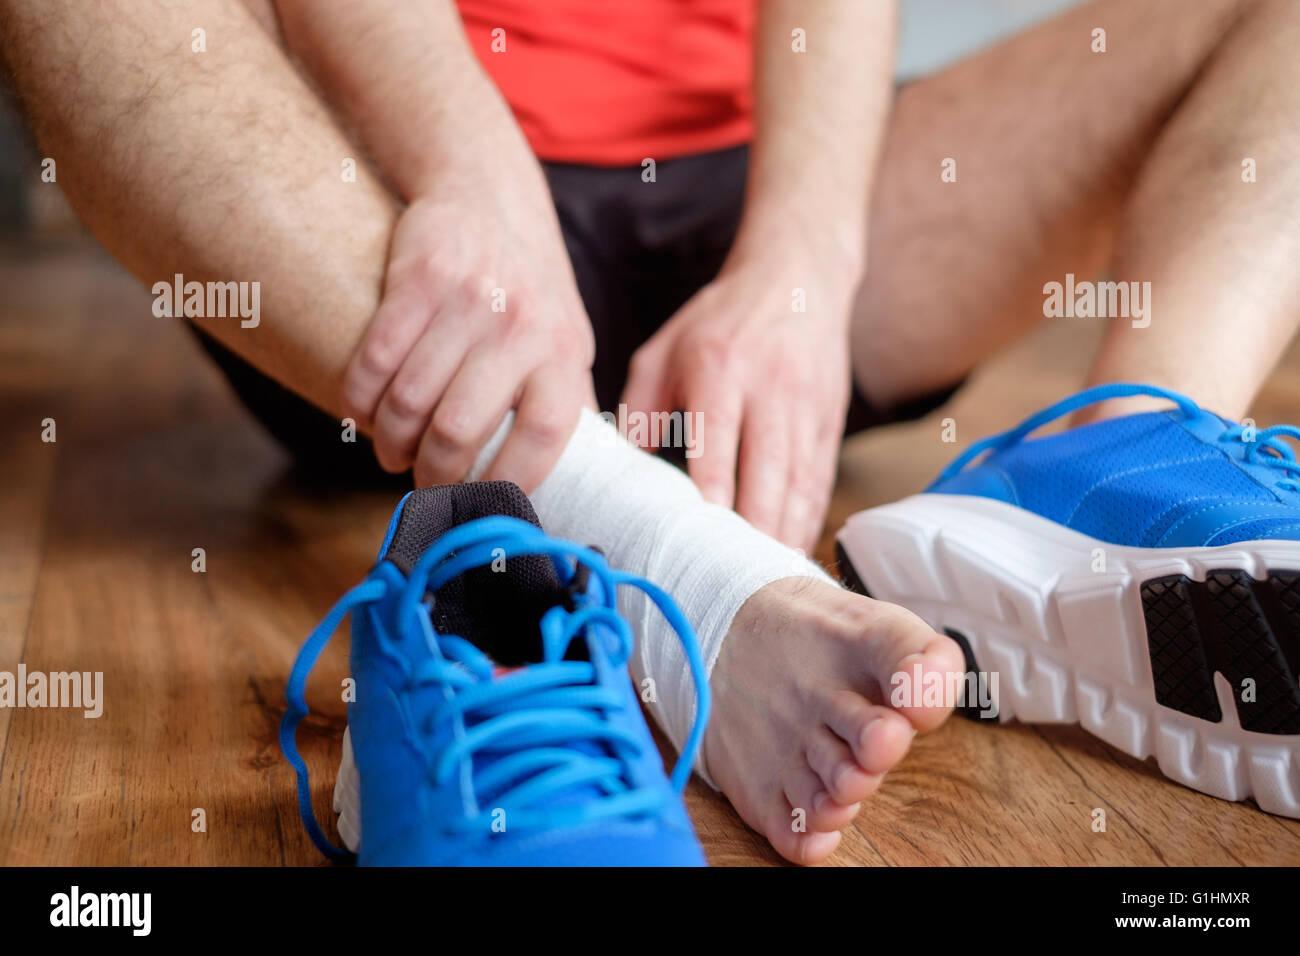 massieren den verletzten Knöchel nach einem Unfall Sport Sportler Stockfoto